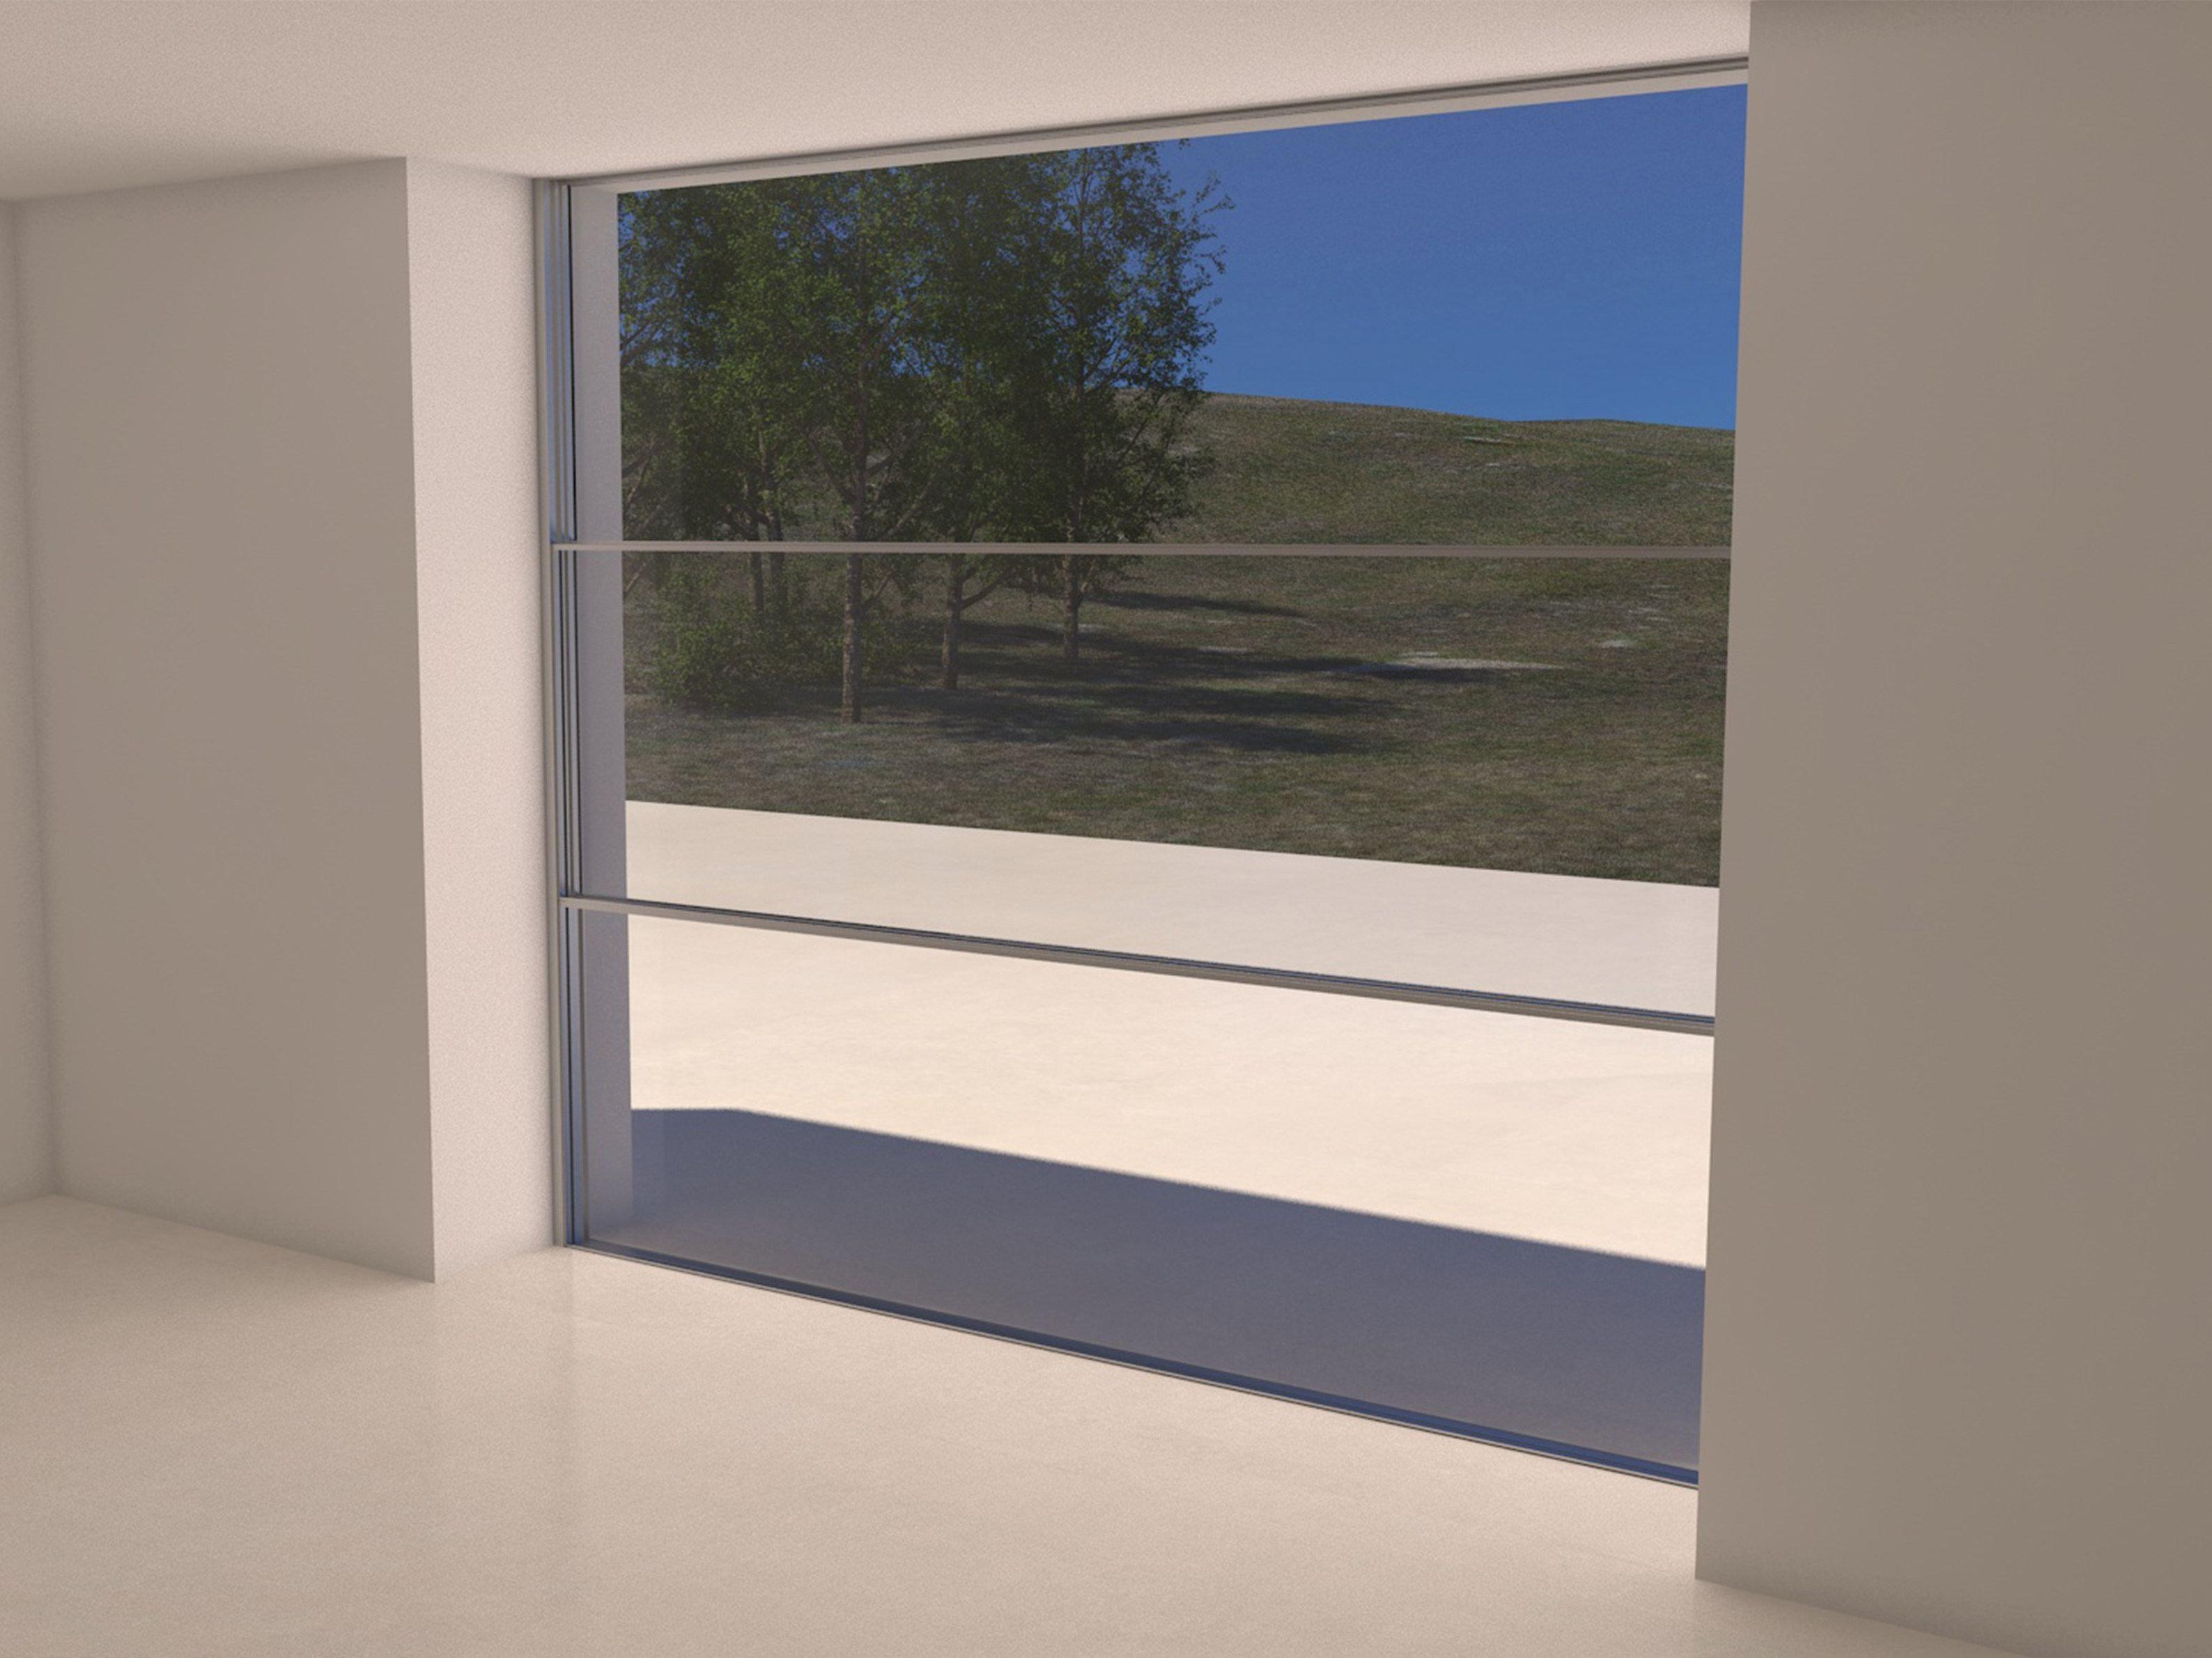 Sistema scorrevole verticale in alluminio sistema di for Finestra scorrevole verticale